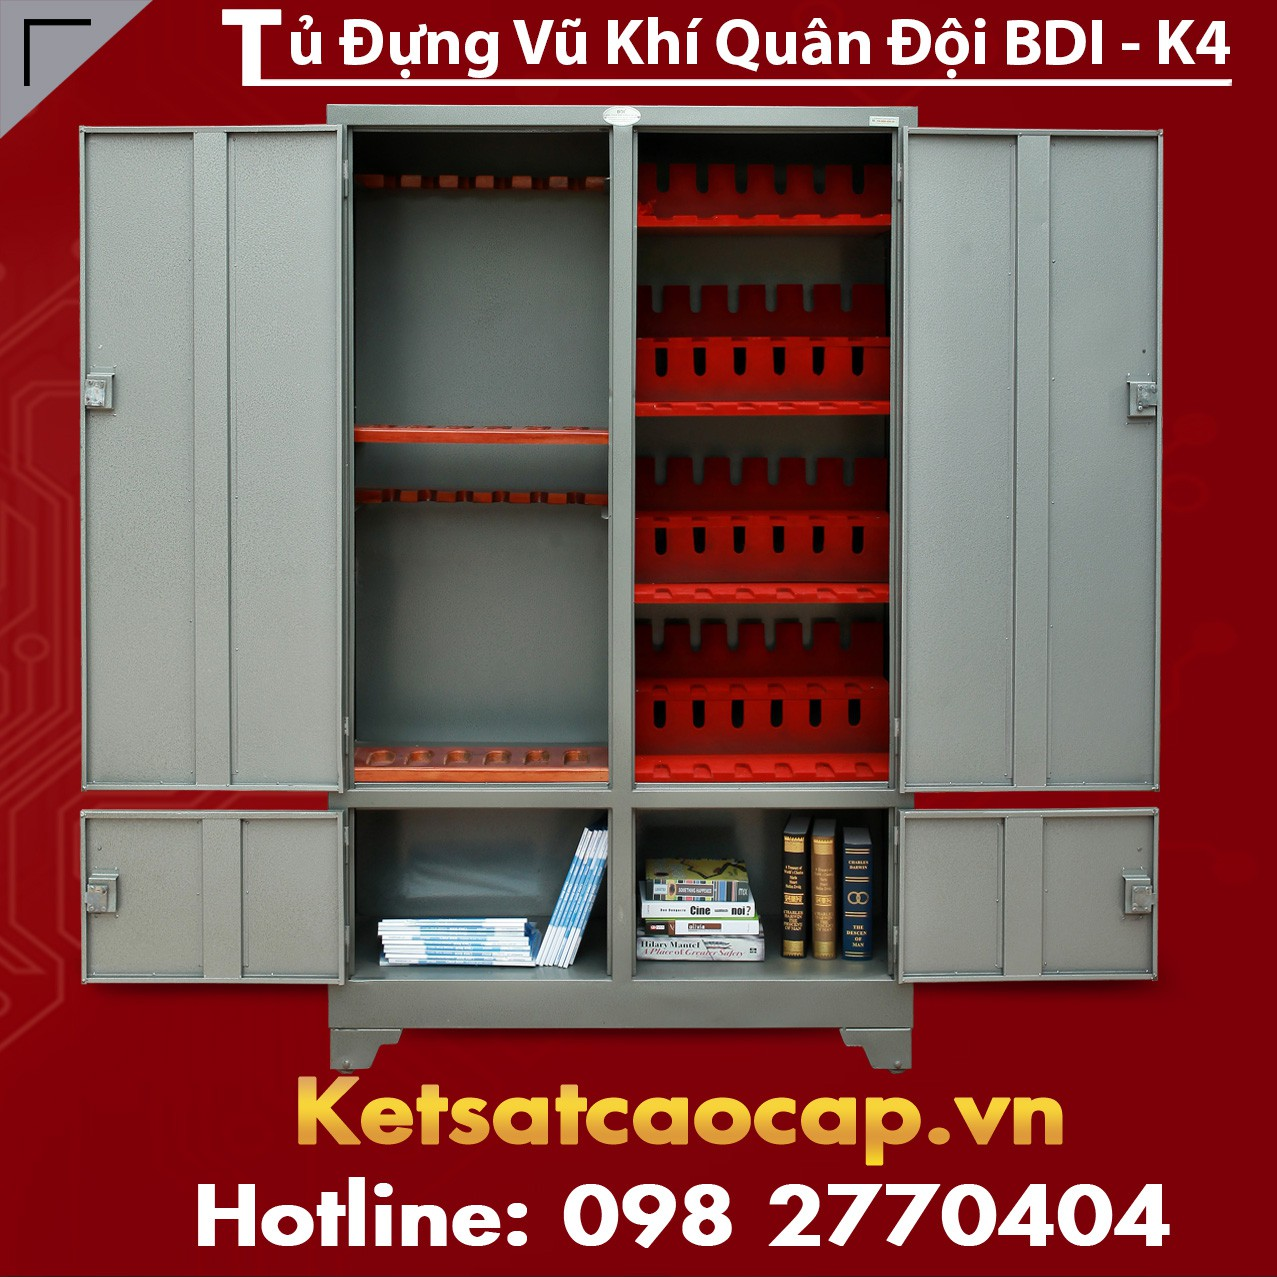 Tủ Đựng Vũ Khí Quân Đội BDI - K4